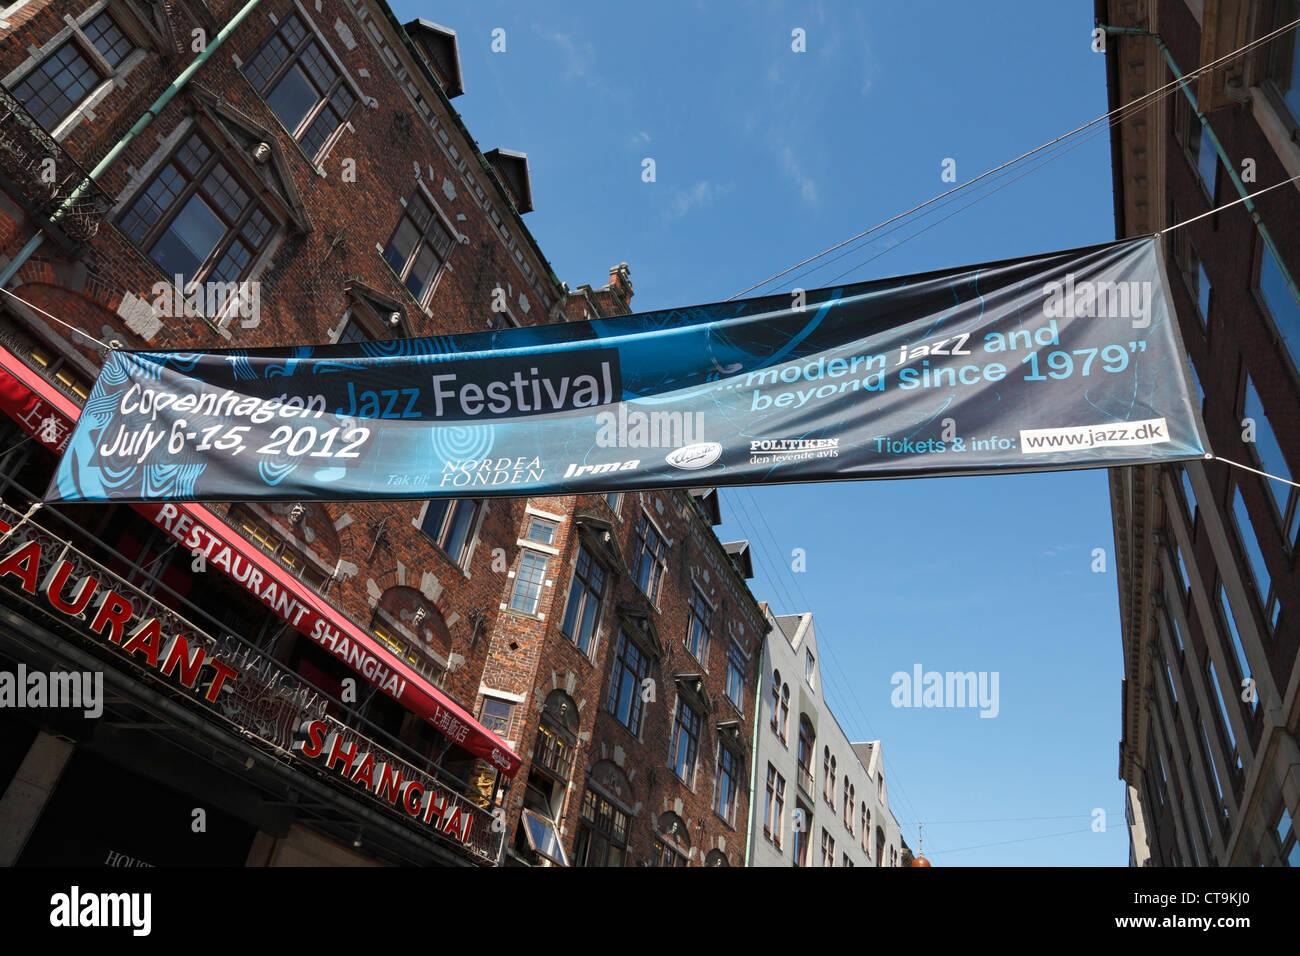 The Copenhagen Jazz Festival 2012 banner across the pedestrian and shopping street Strøget in Copenhagen, Denmark - Stock Image